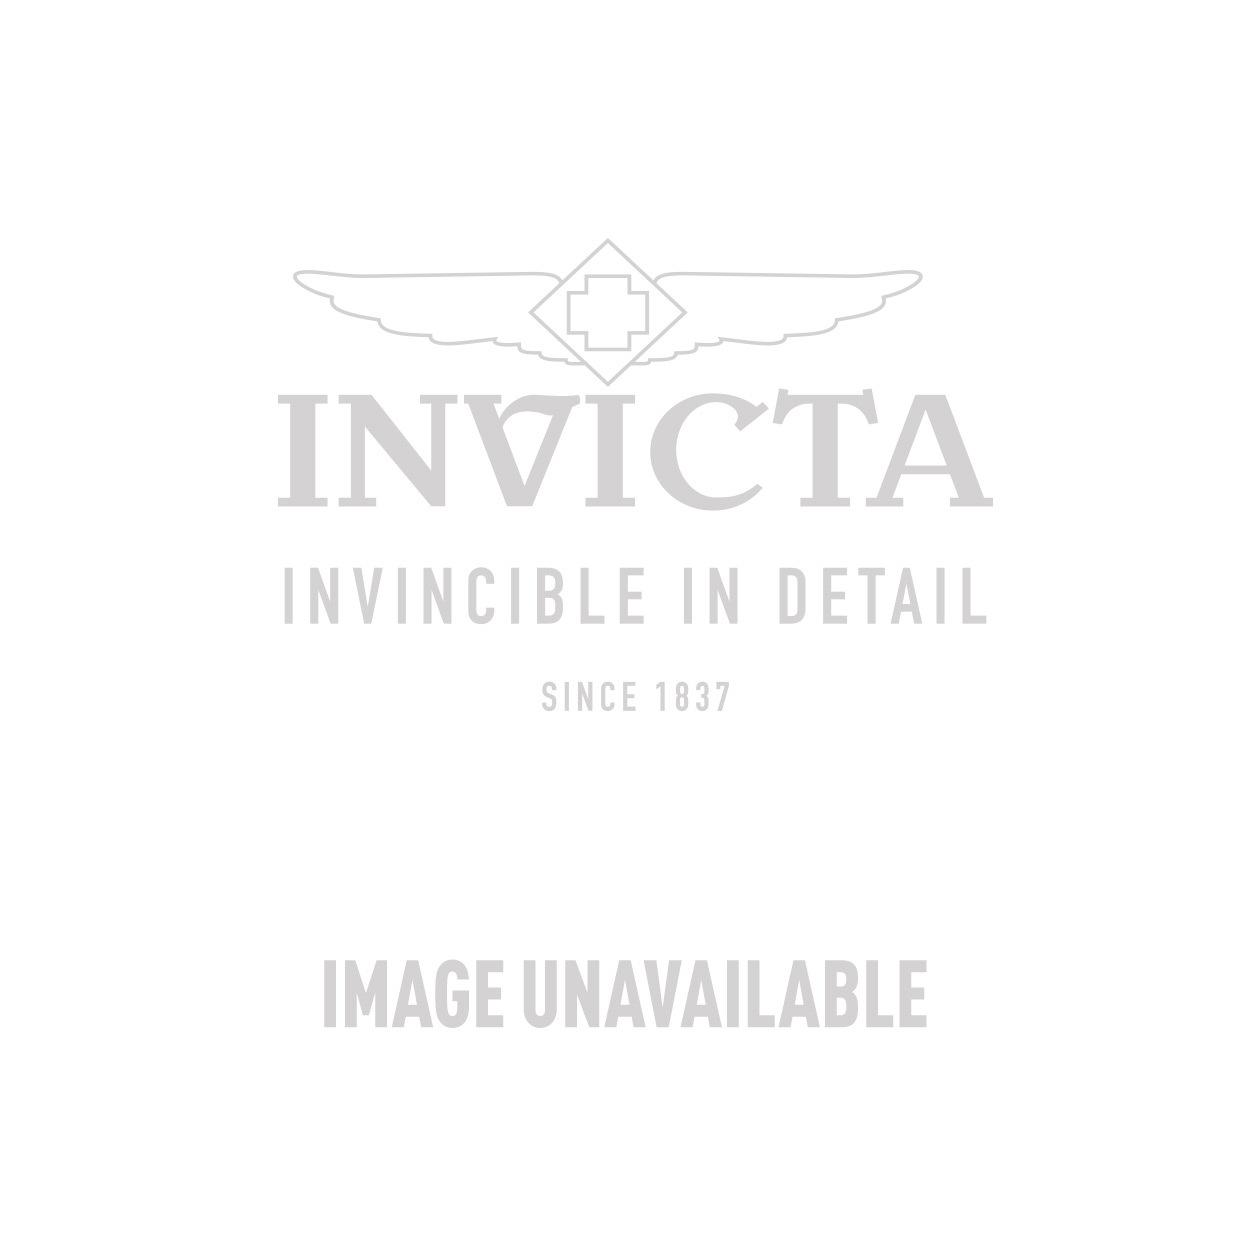 Invicta Model 27100